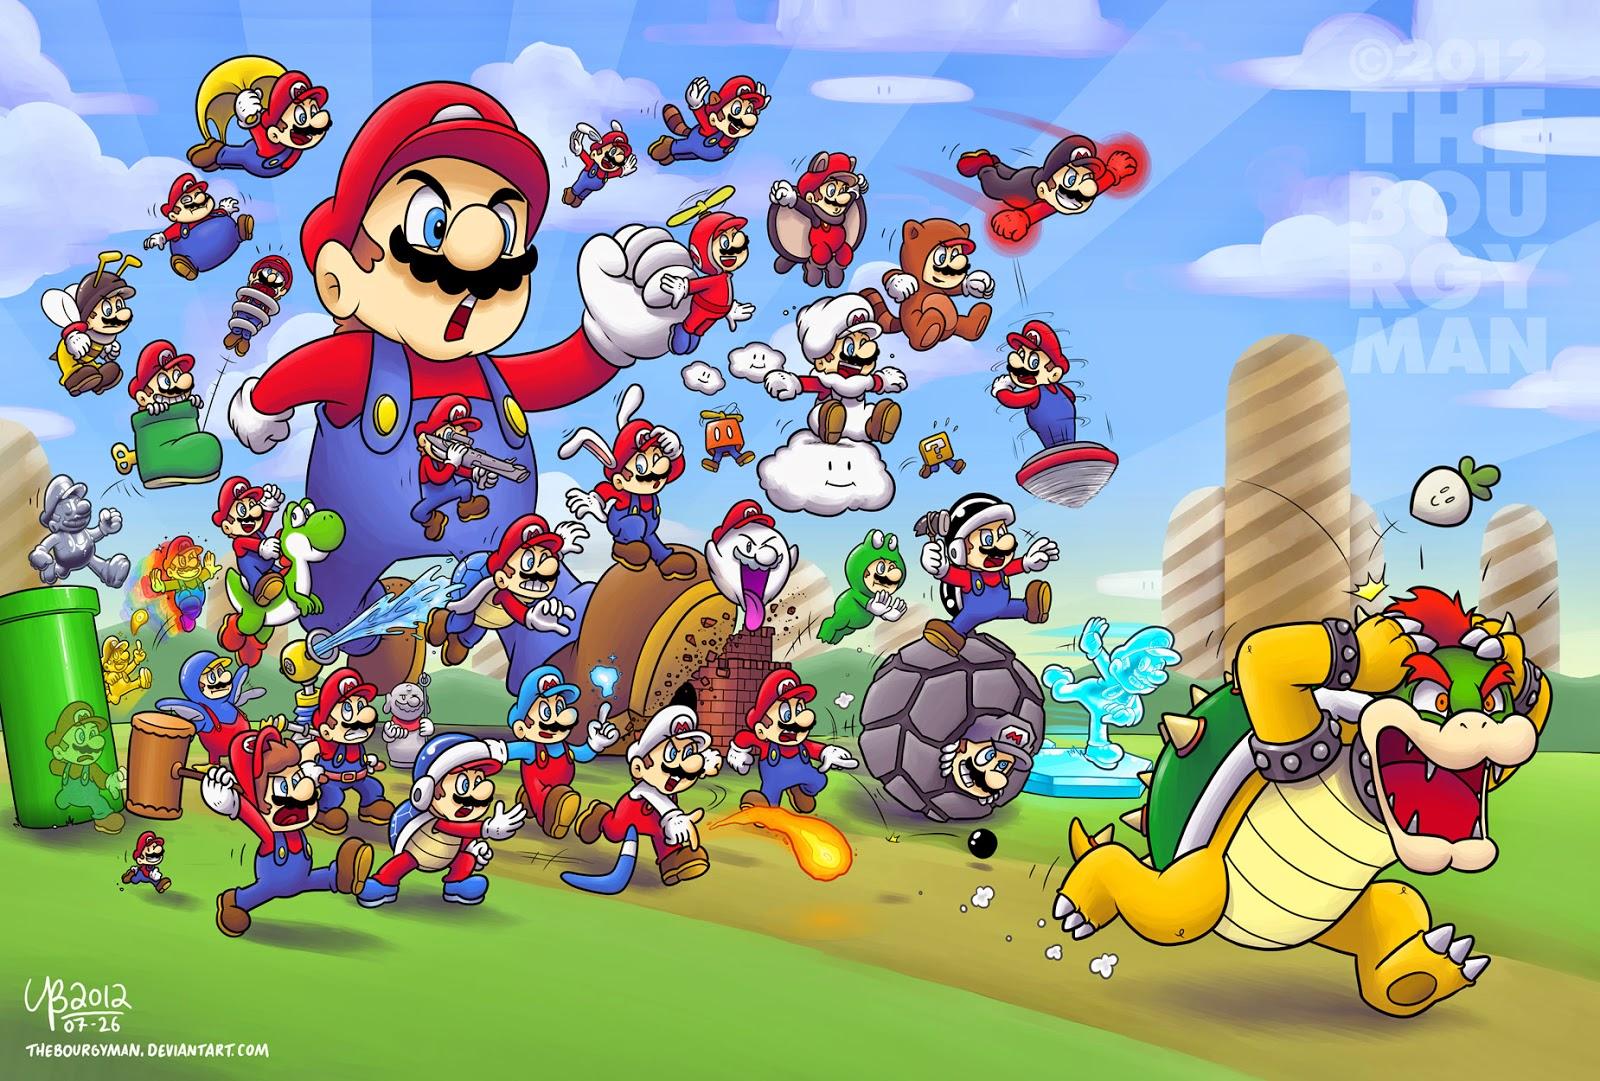 http://pokemons-super-warioman.blogspot.mx/2014/12/top-12-de-mejores-poderes-de-mario.html